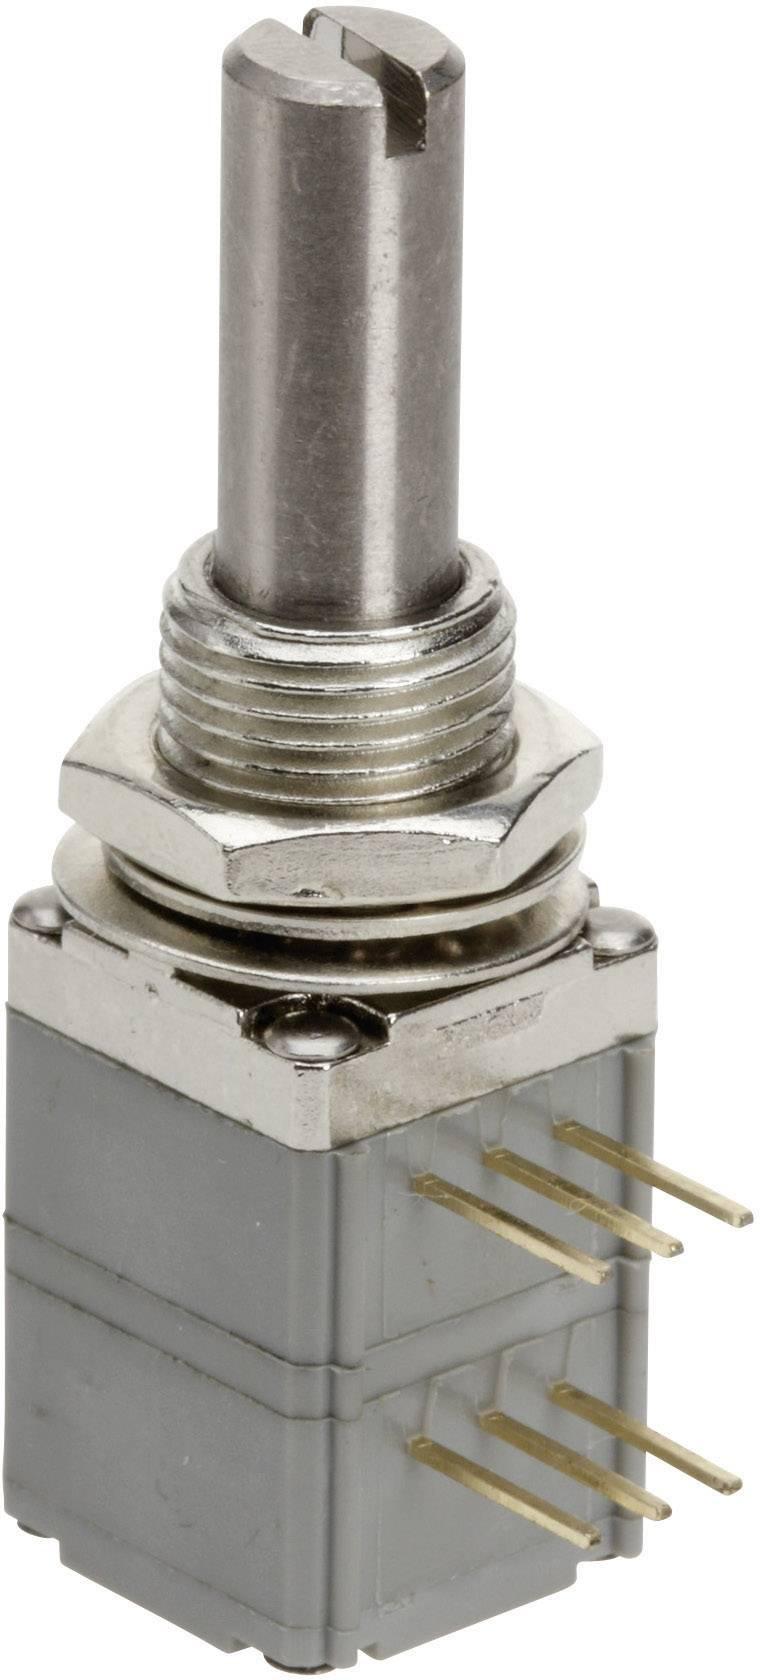 Cermetový potenciometer TT Electro, 4113813545, 10 kΩ, ± 10%